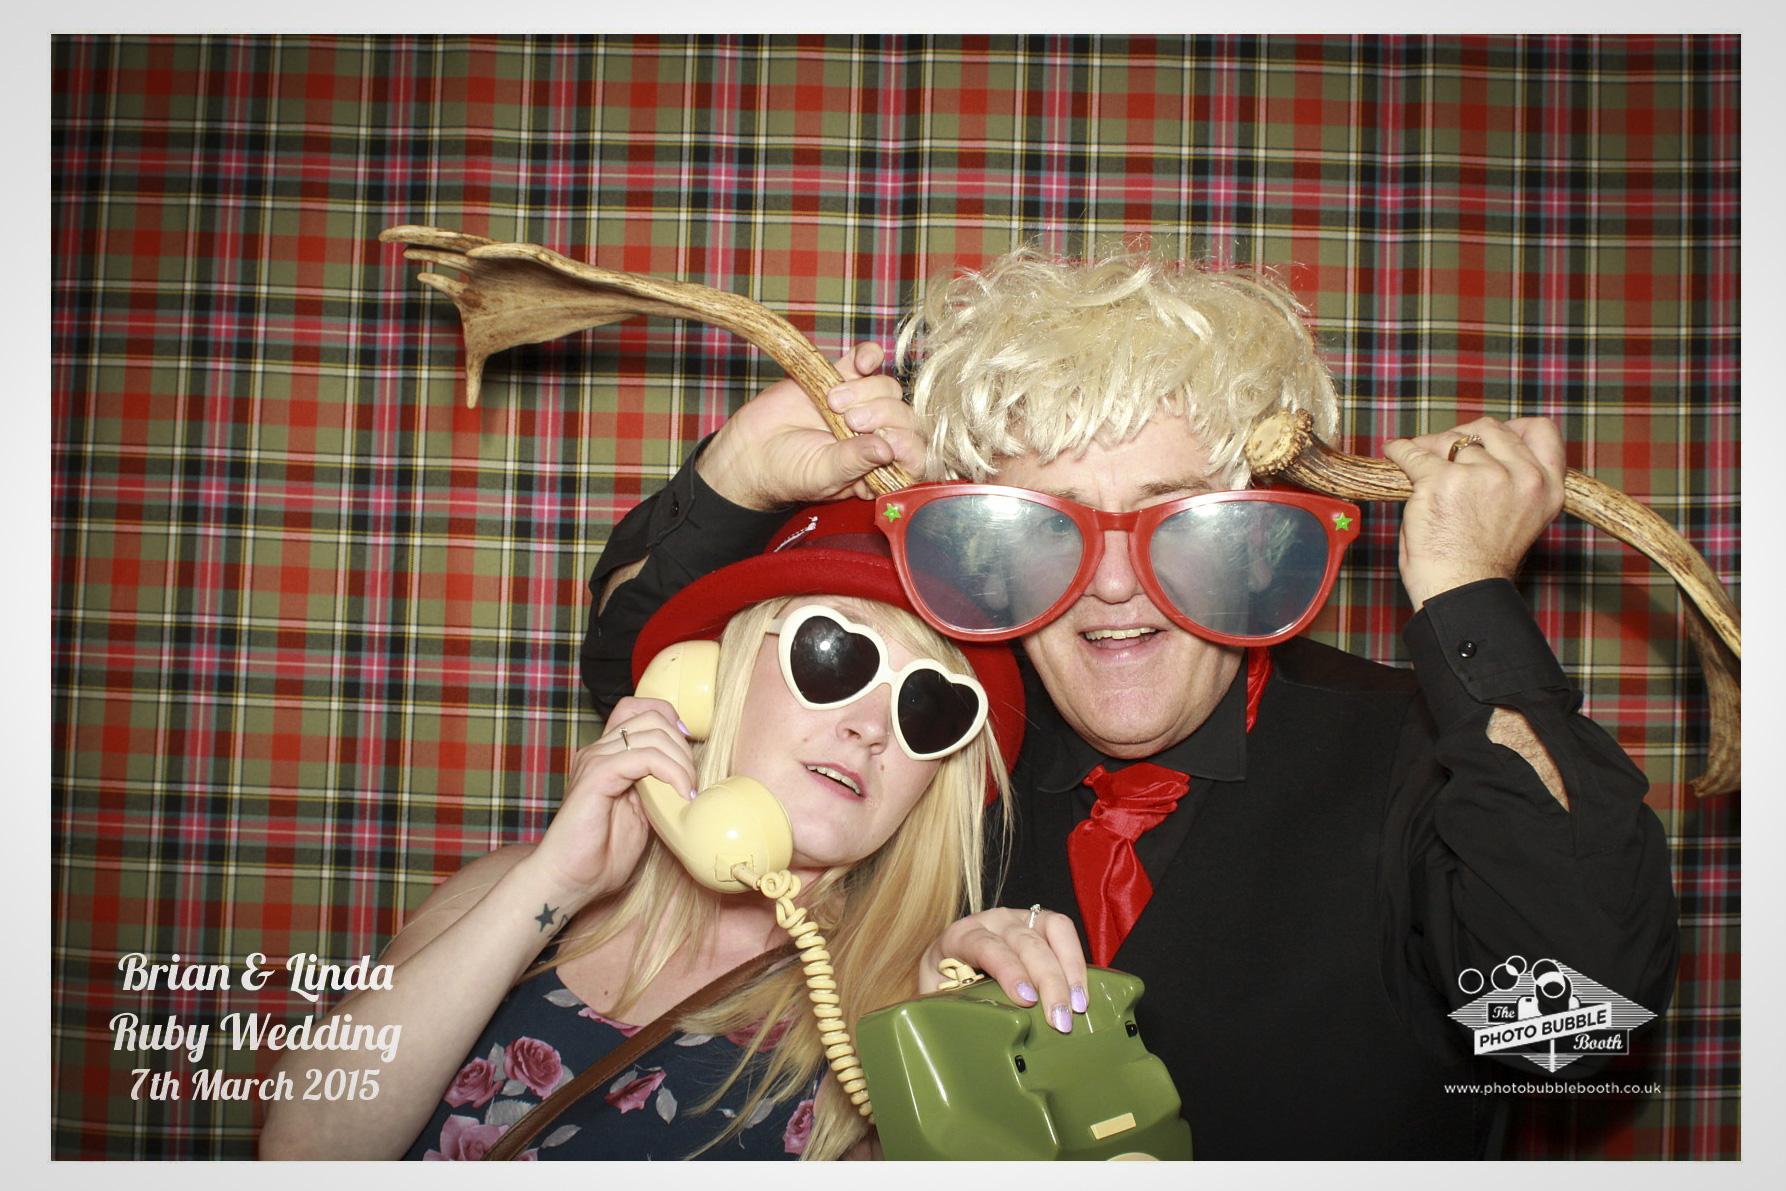 Linda & Brian Ruby Wedding_56.JPG